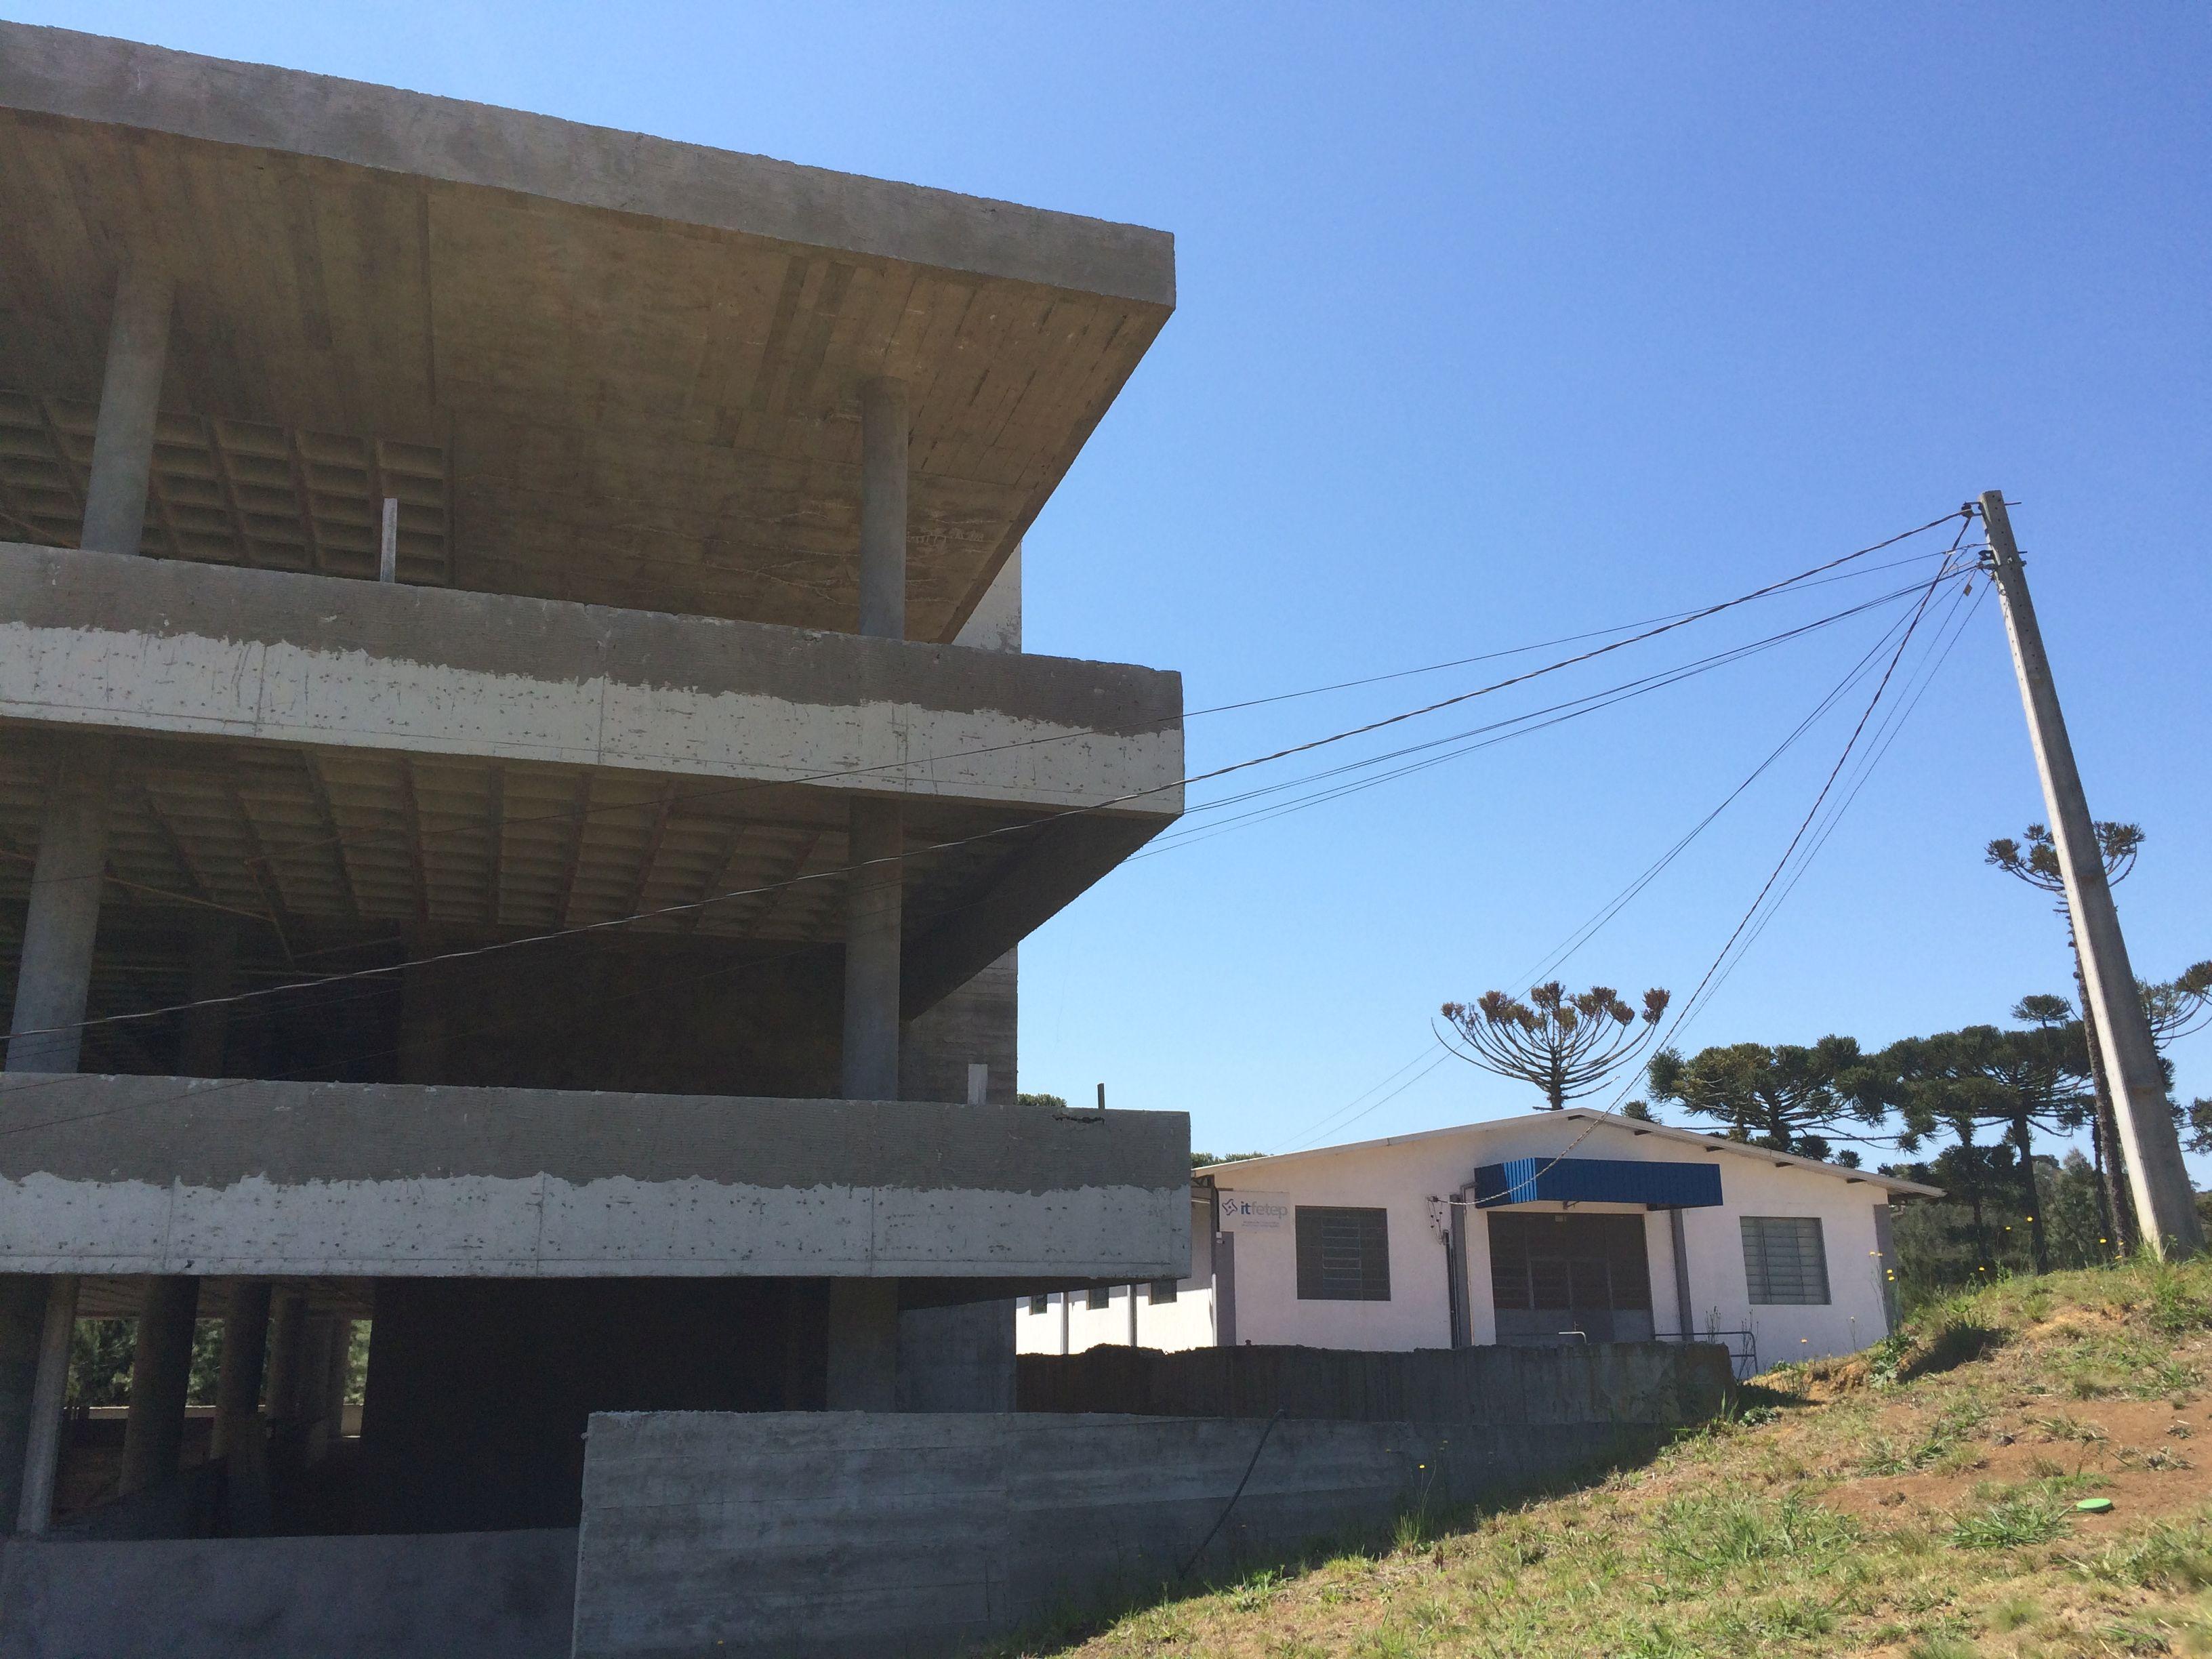 Centro De Inovacao Sbs